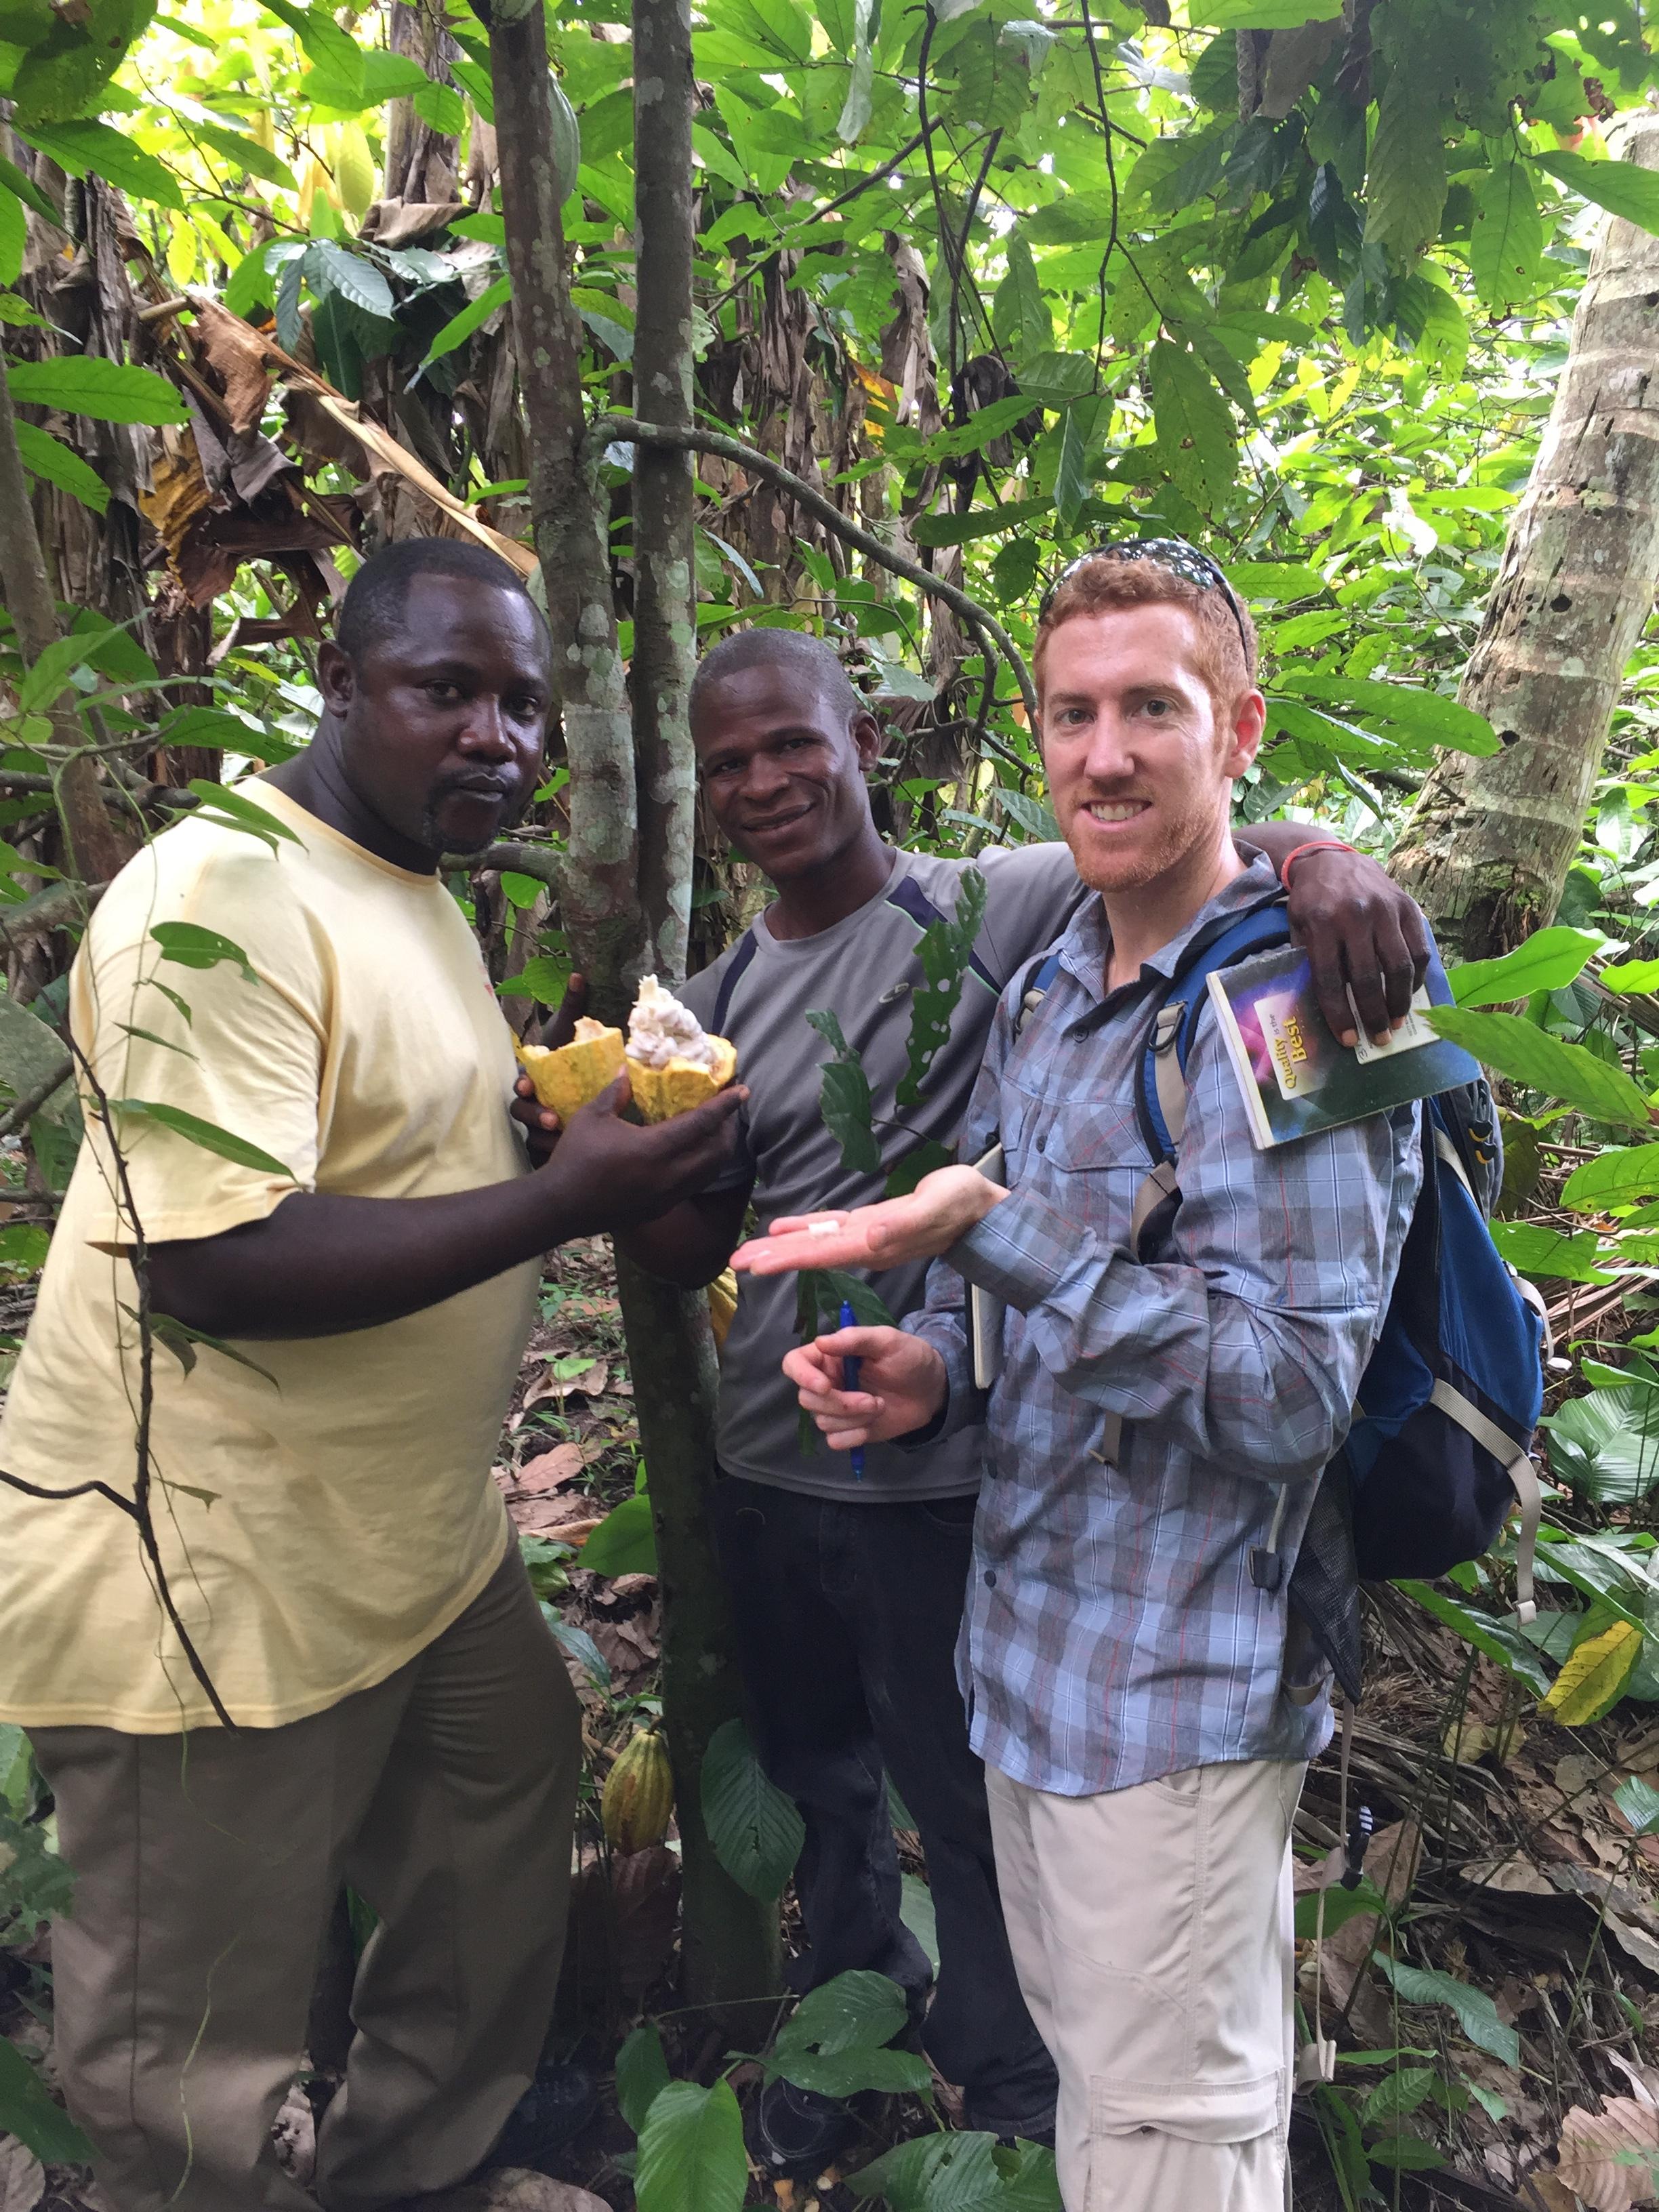 Evangelism Through Economic Empowerment - Cocoa